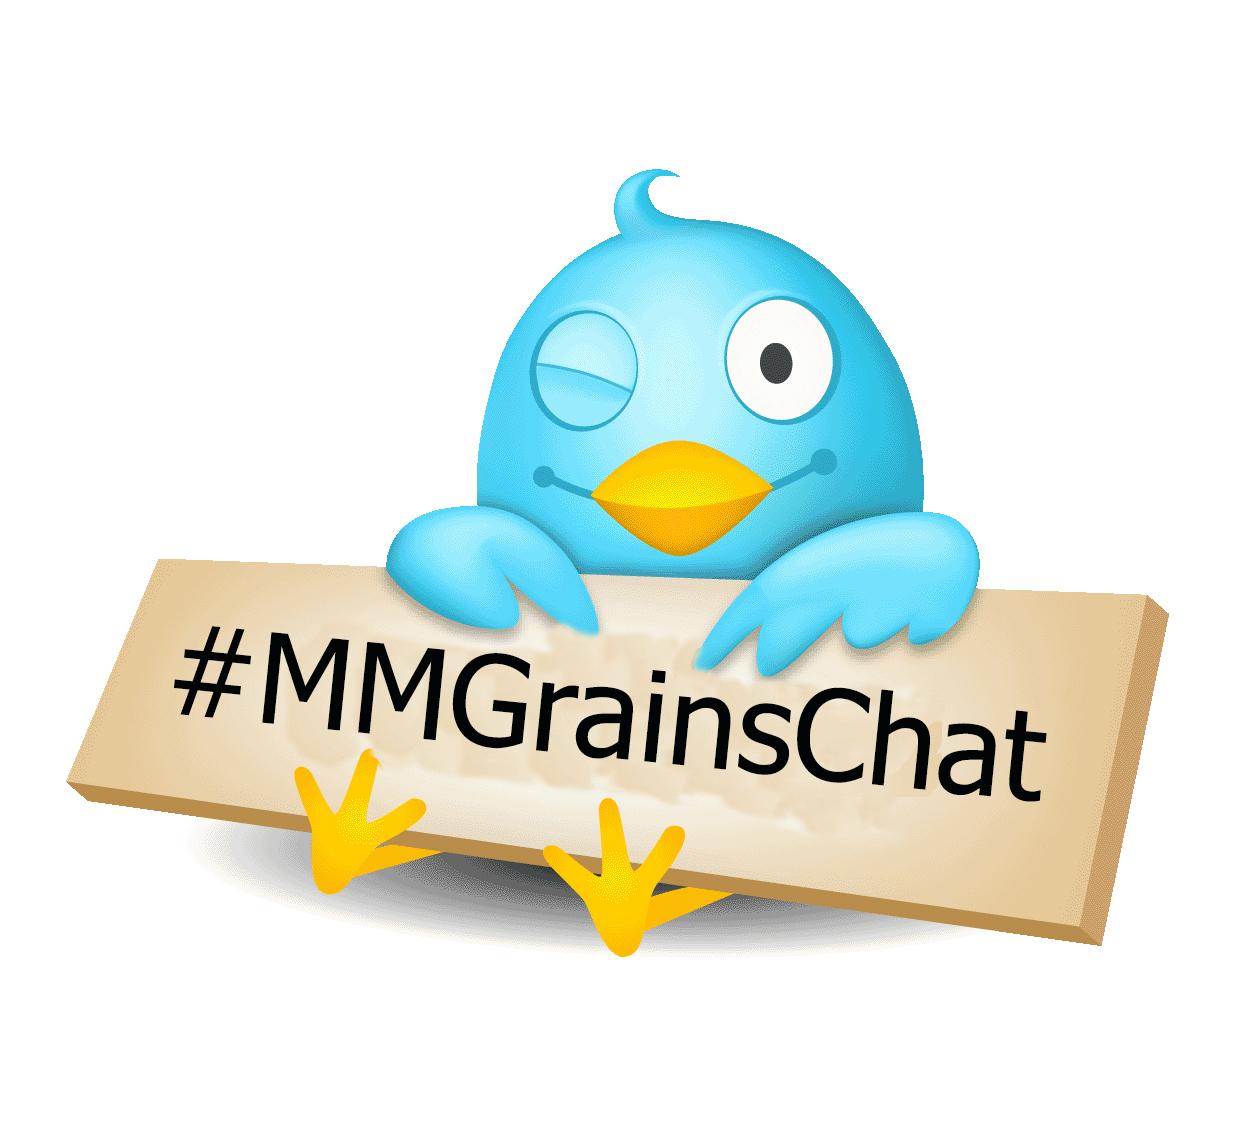 """Cartoon Twitter Bird holds sign with text """"#MMGrainsChat"""""""